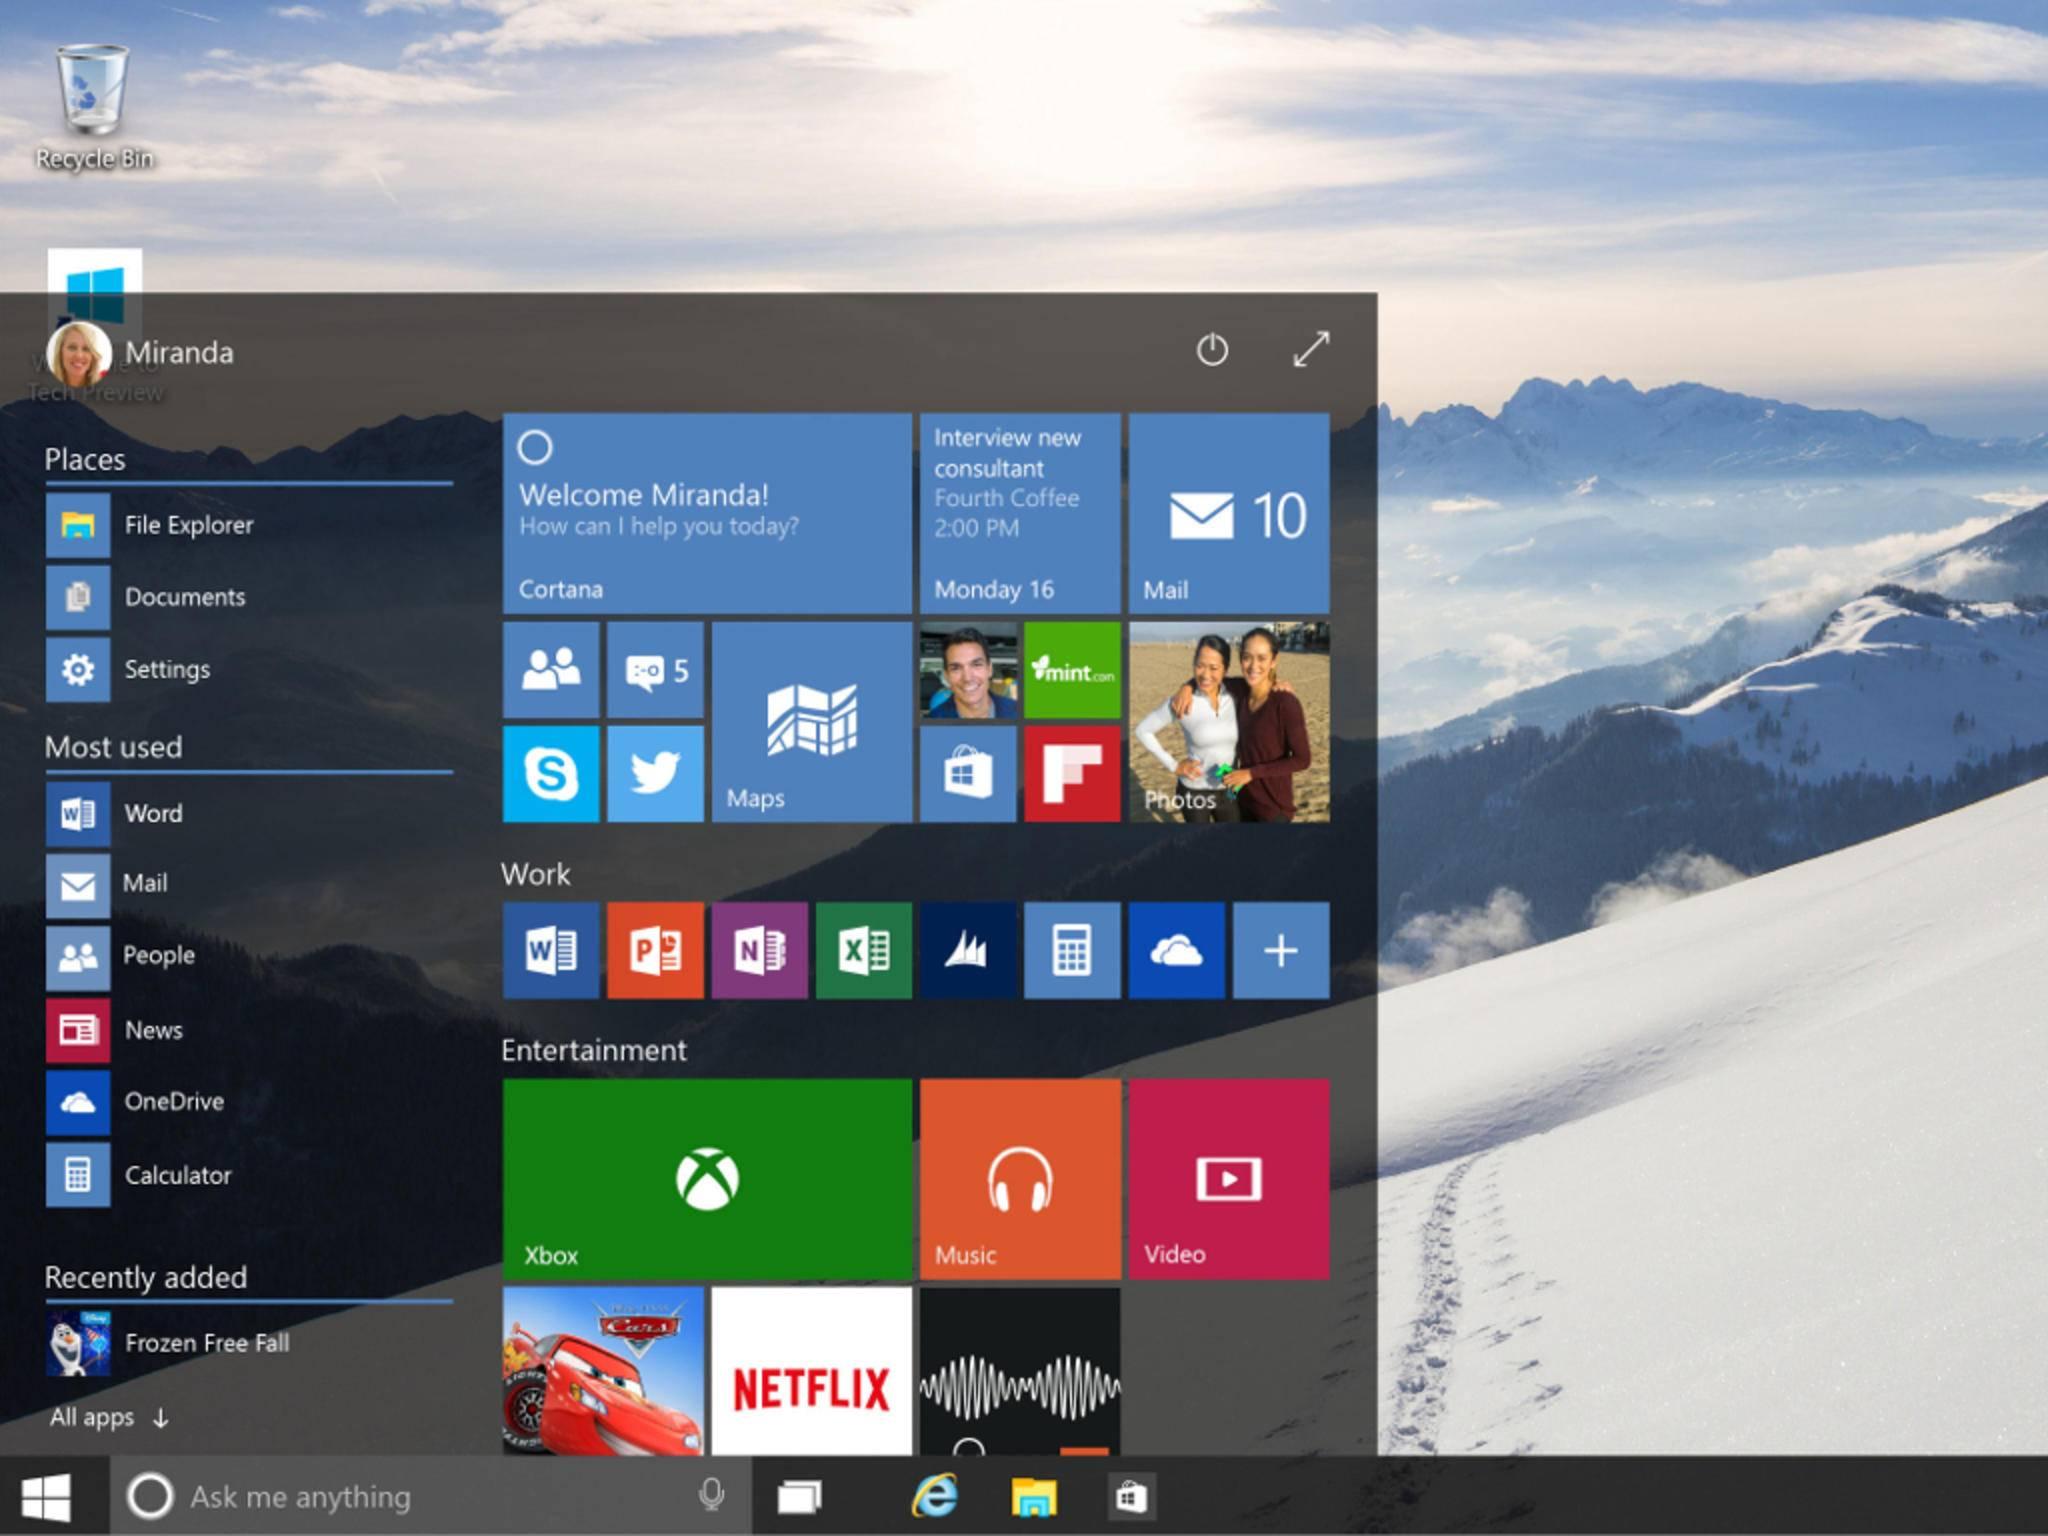 Windows 10 soll den Kompromiss zwischen Windows 8 und älteren Versionen schaffen.